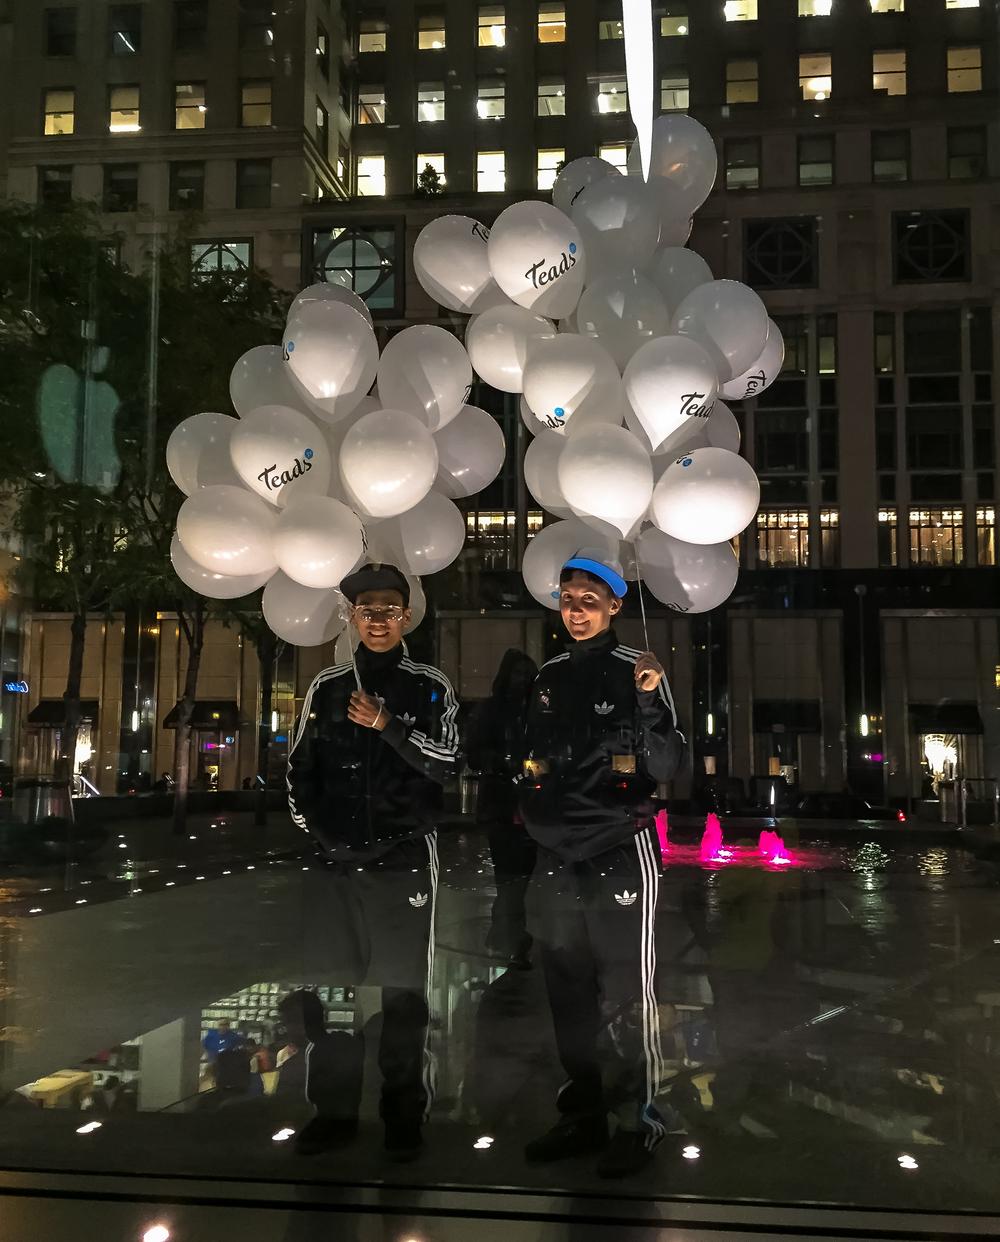 Balloon Men